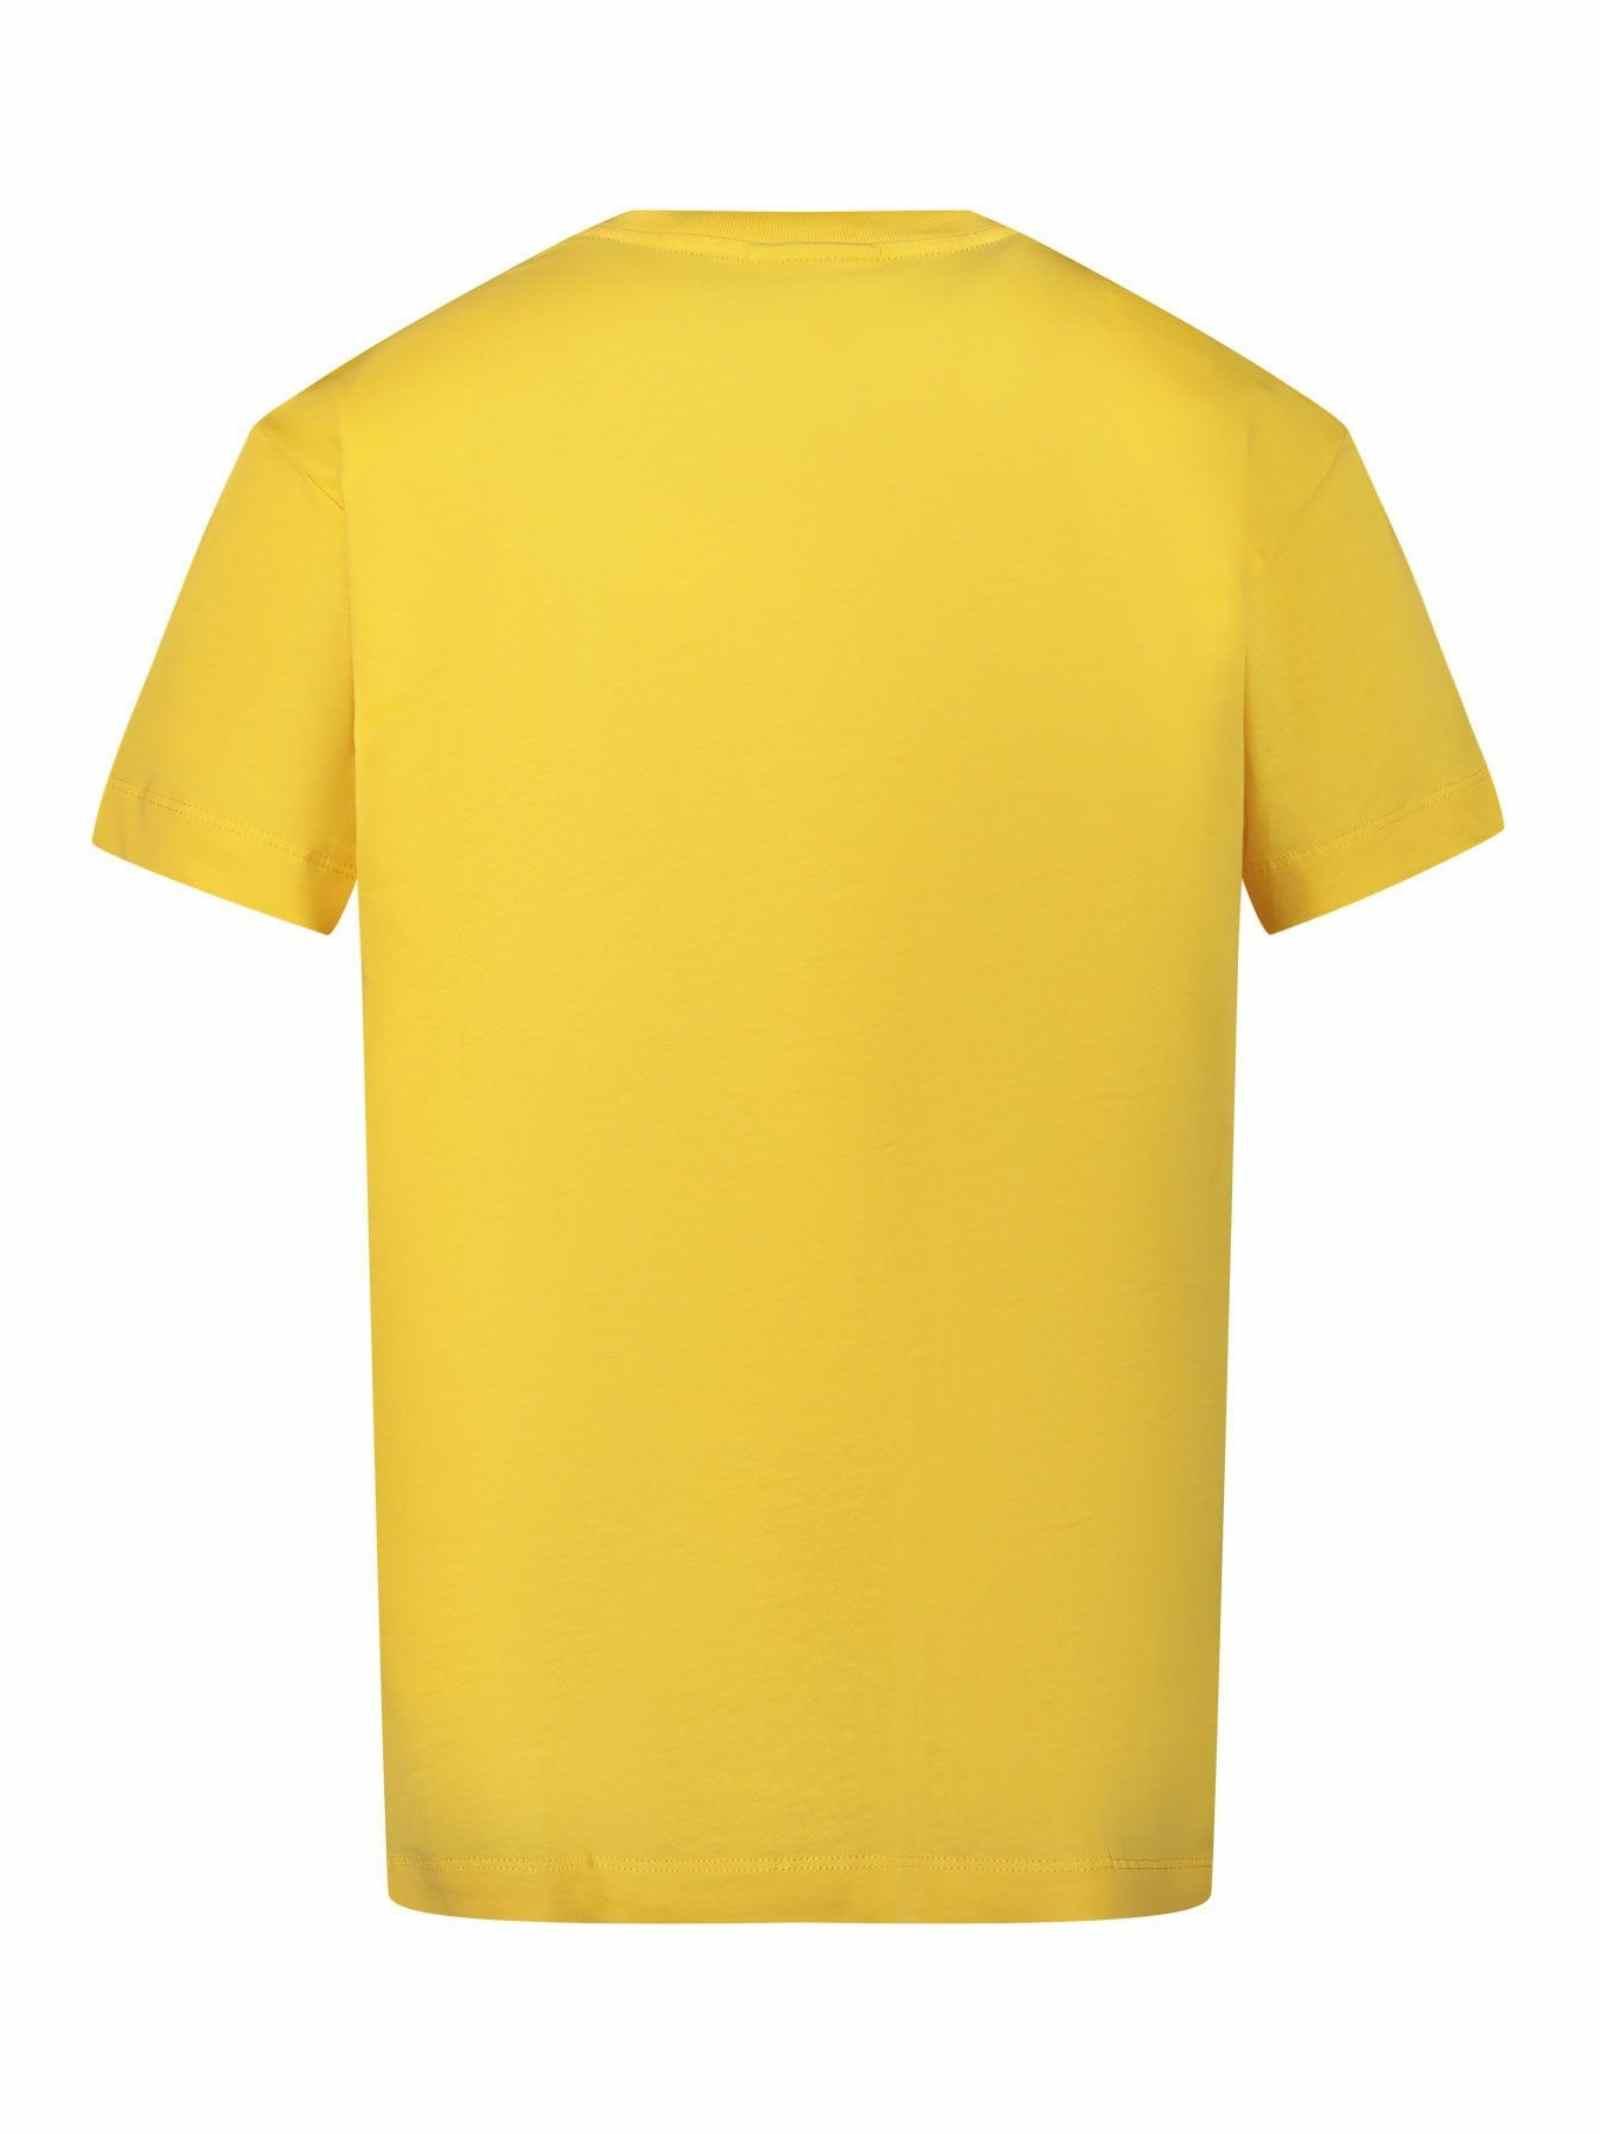 Fendi   T-shirt   JUI026 AEXLF18W2